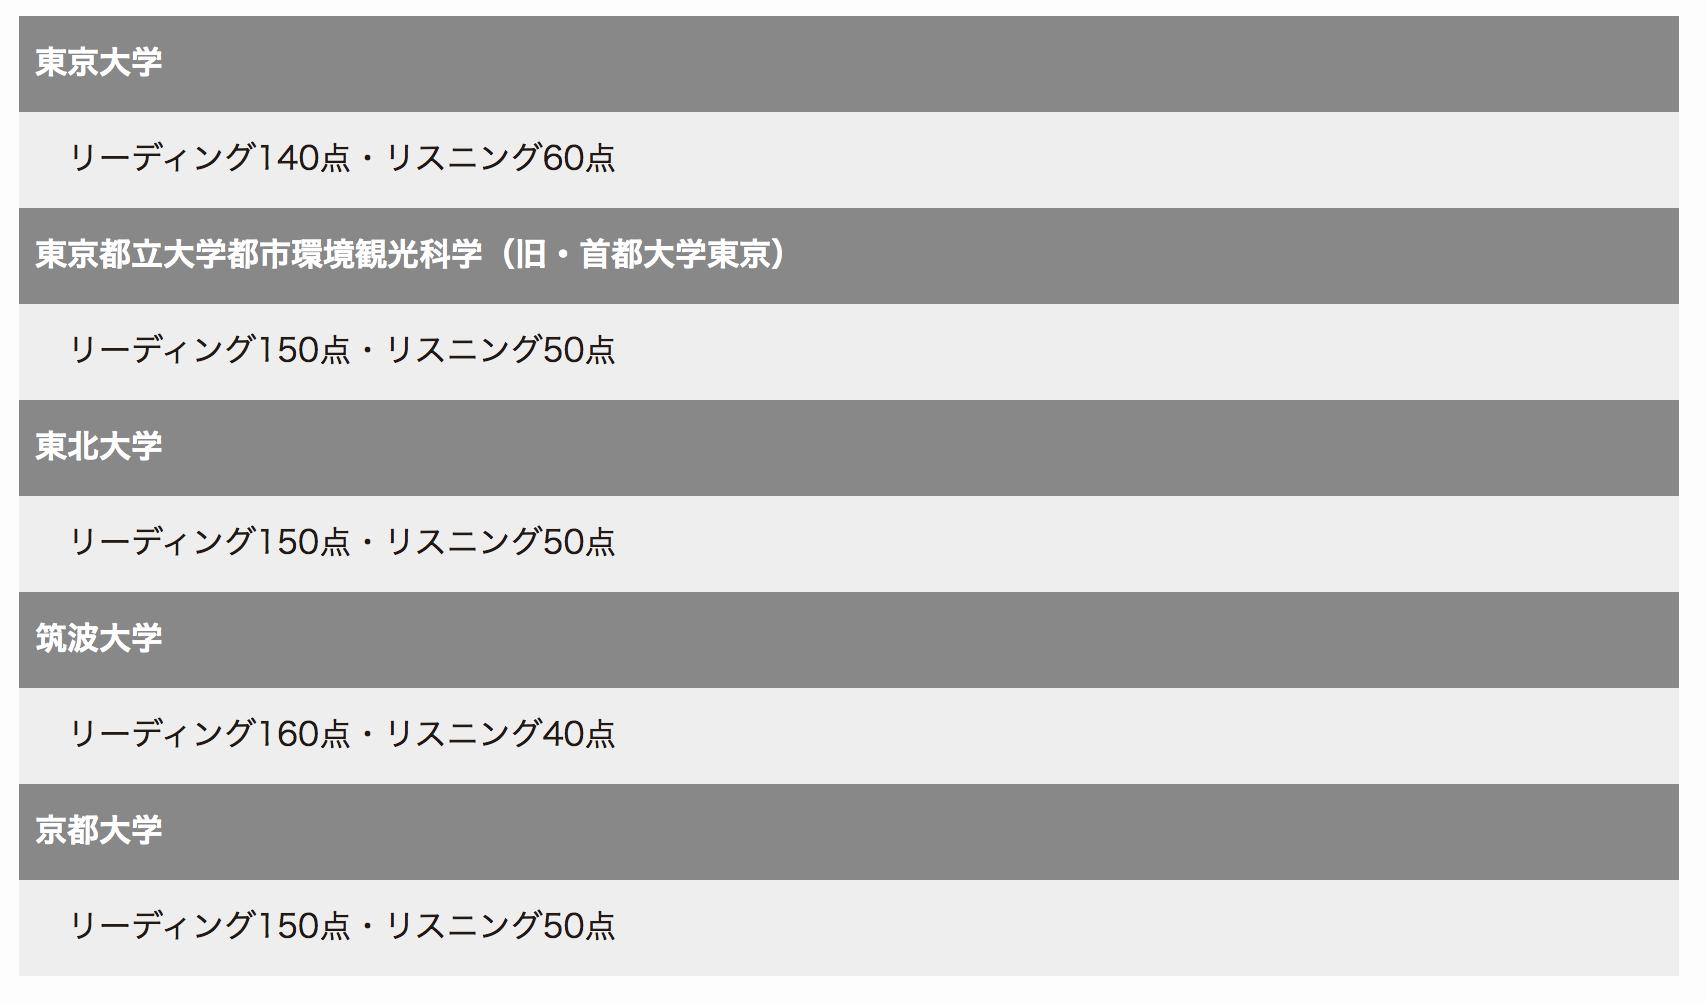 東京大学 リーディング140点・リスニング60点 東京都立大学都市環境観光科学(旧・首都大学東京) リーディング150点・リスニング50点 東北大学 リーディング150点・リスニング50点 筑波大学 リーディング160点・リスニング40点 京都大学 リーディング150点・リスニング50点